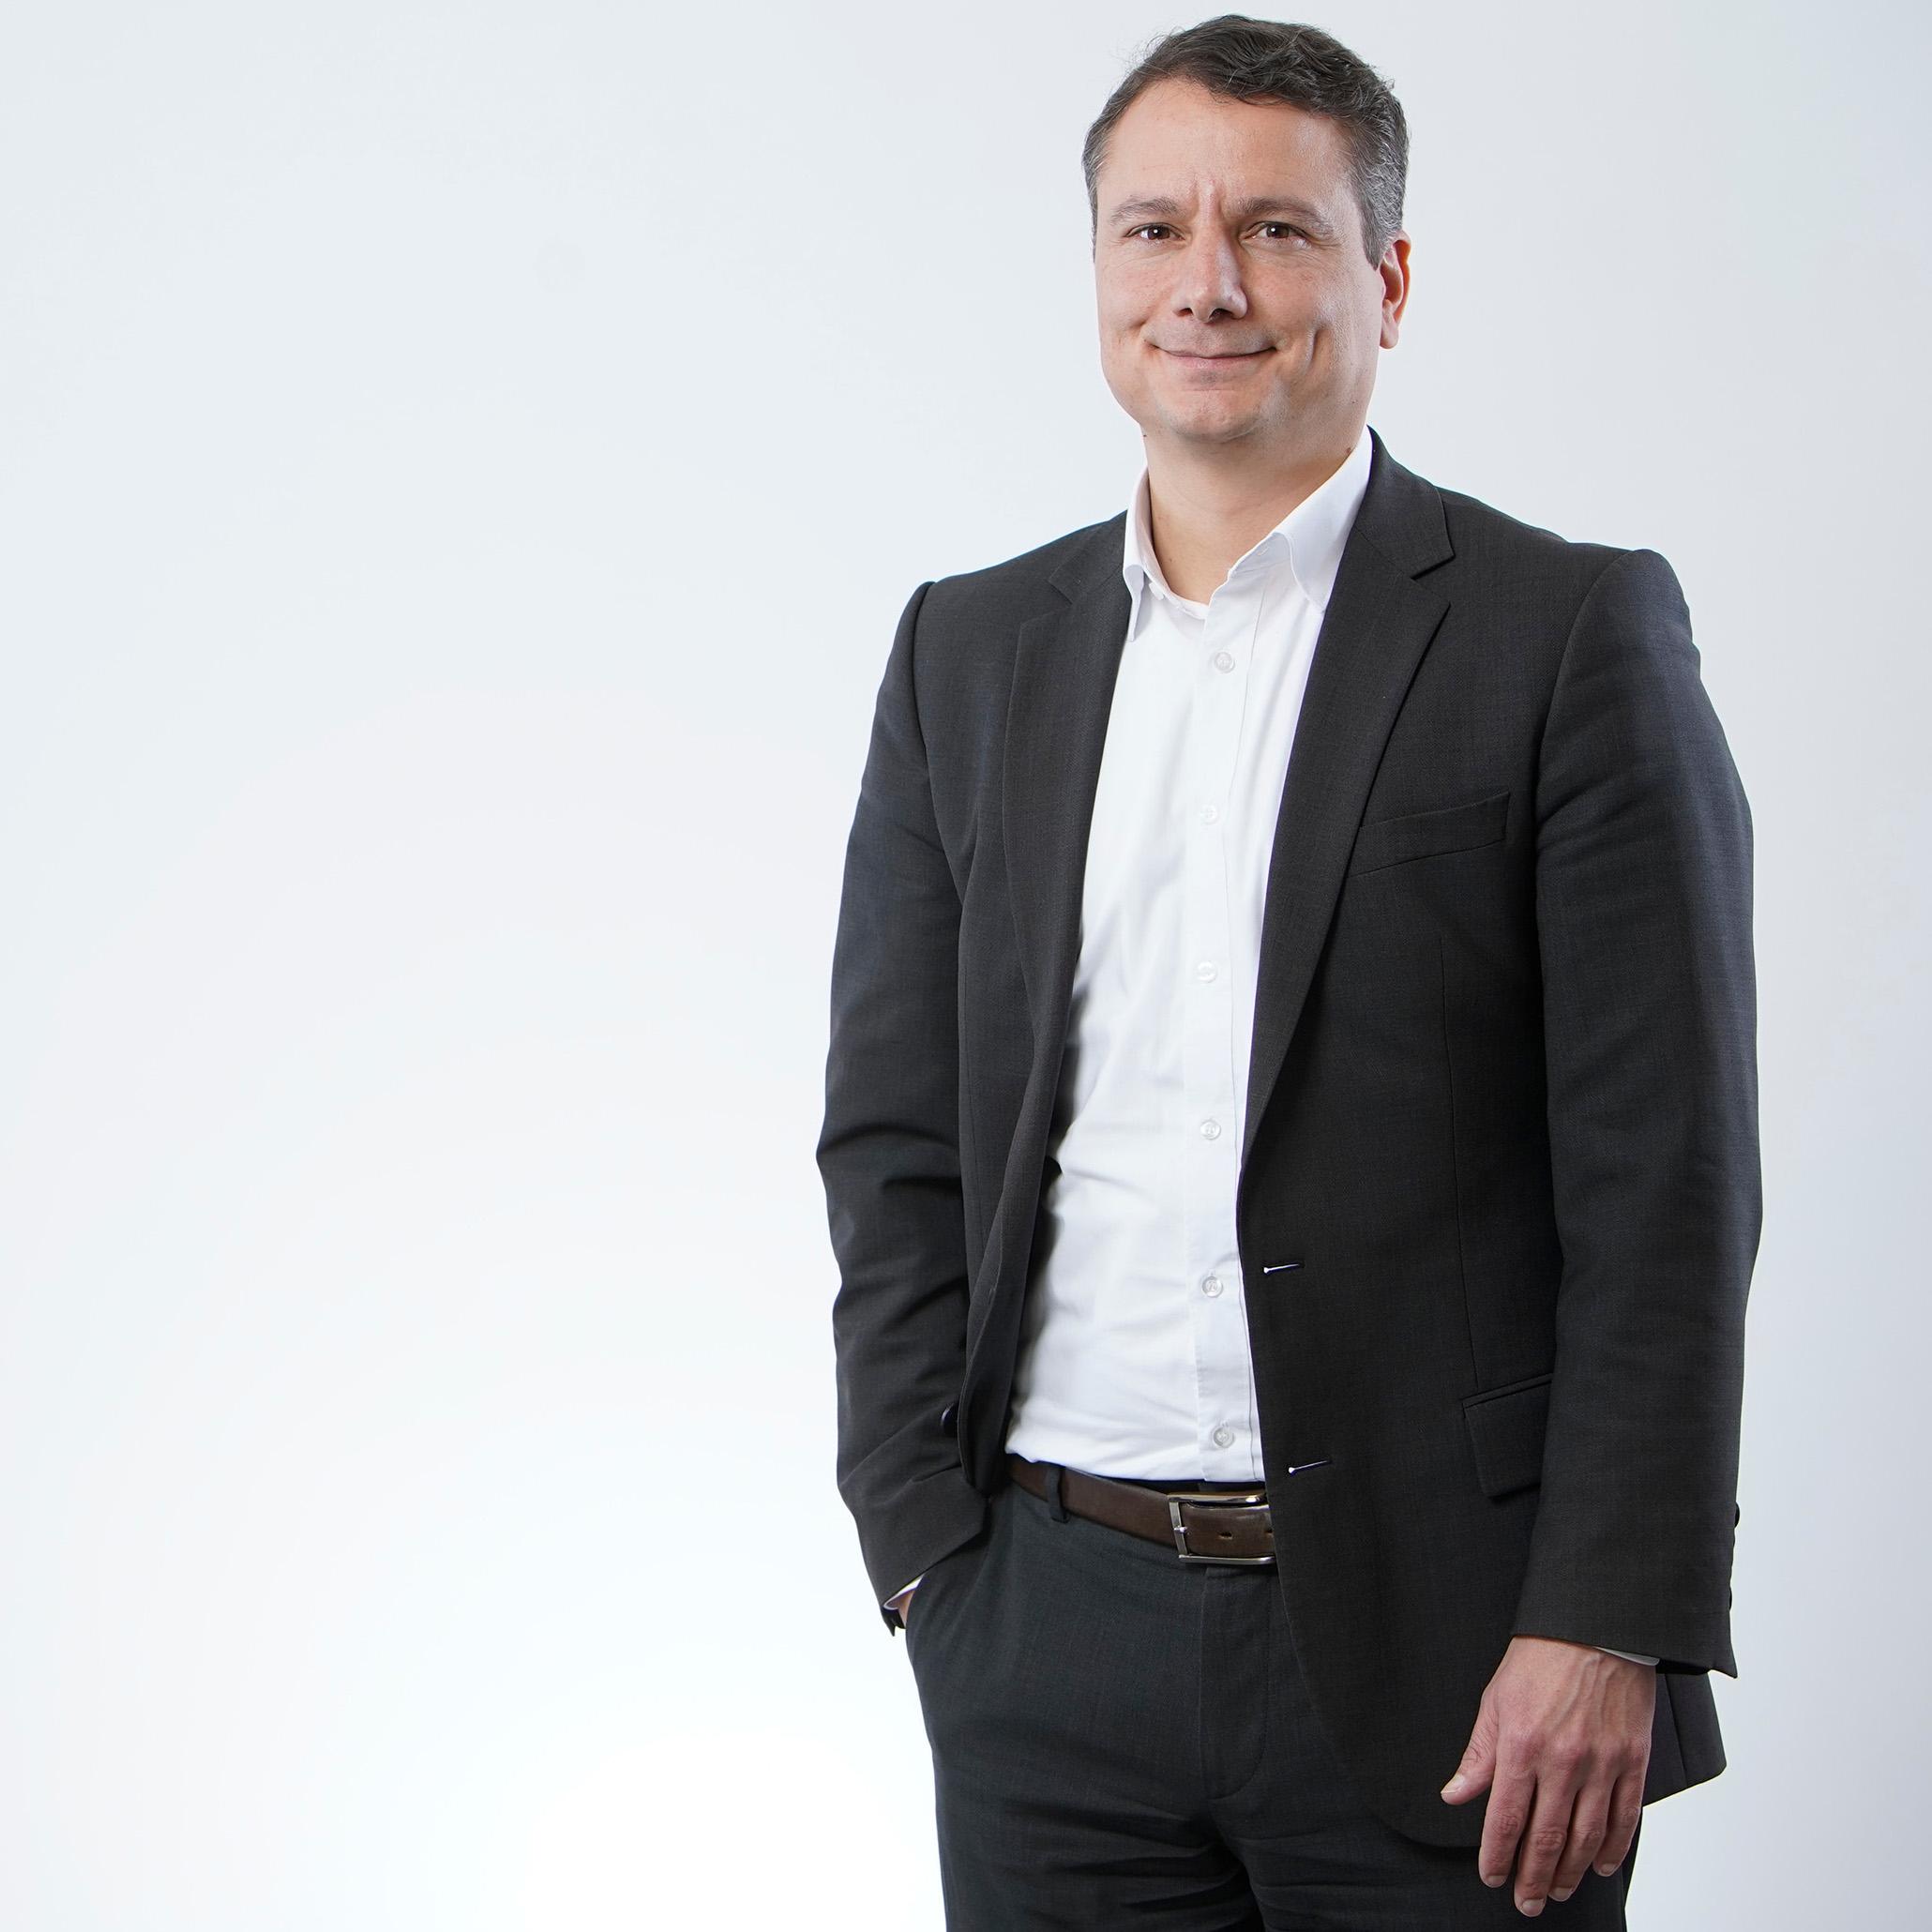 Armin Molla